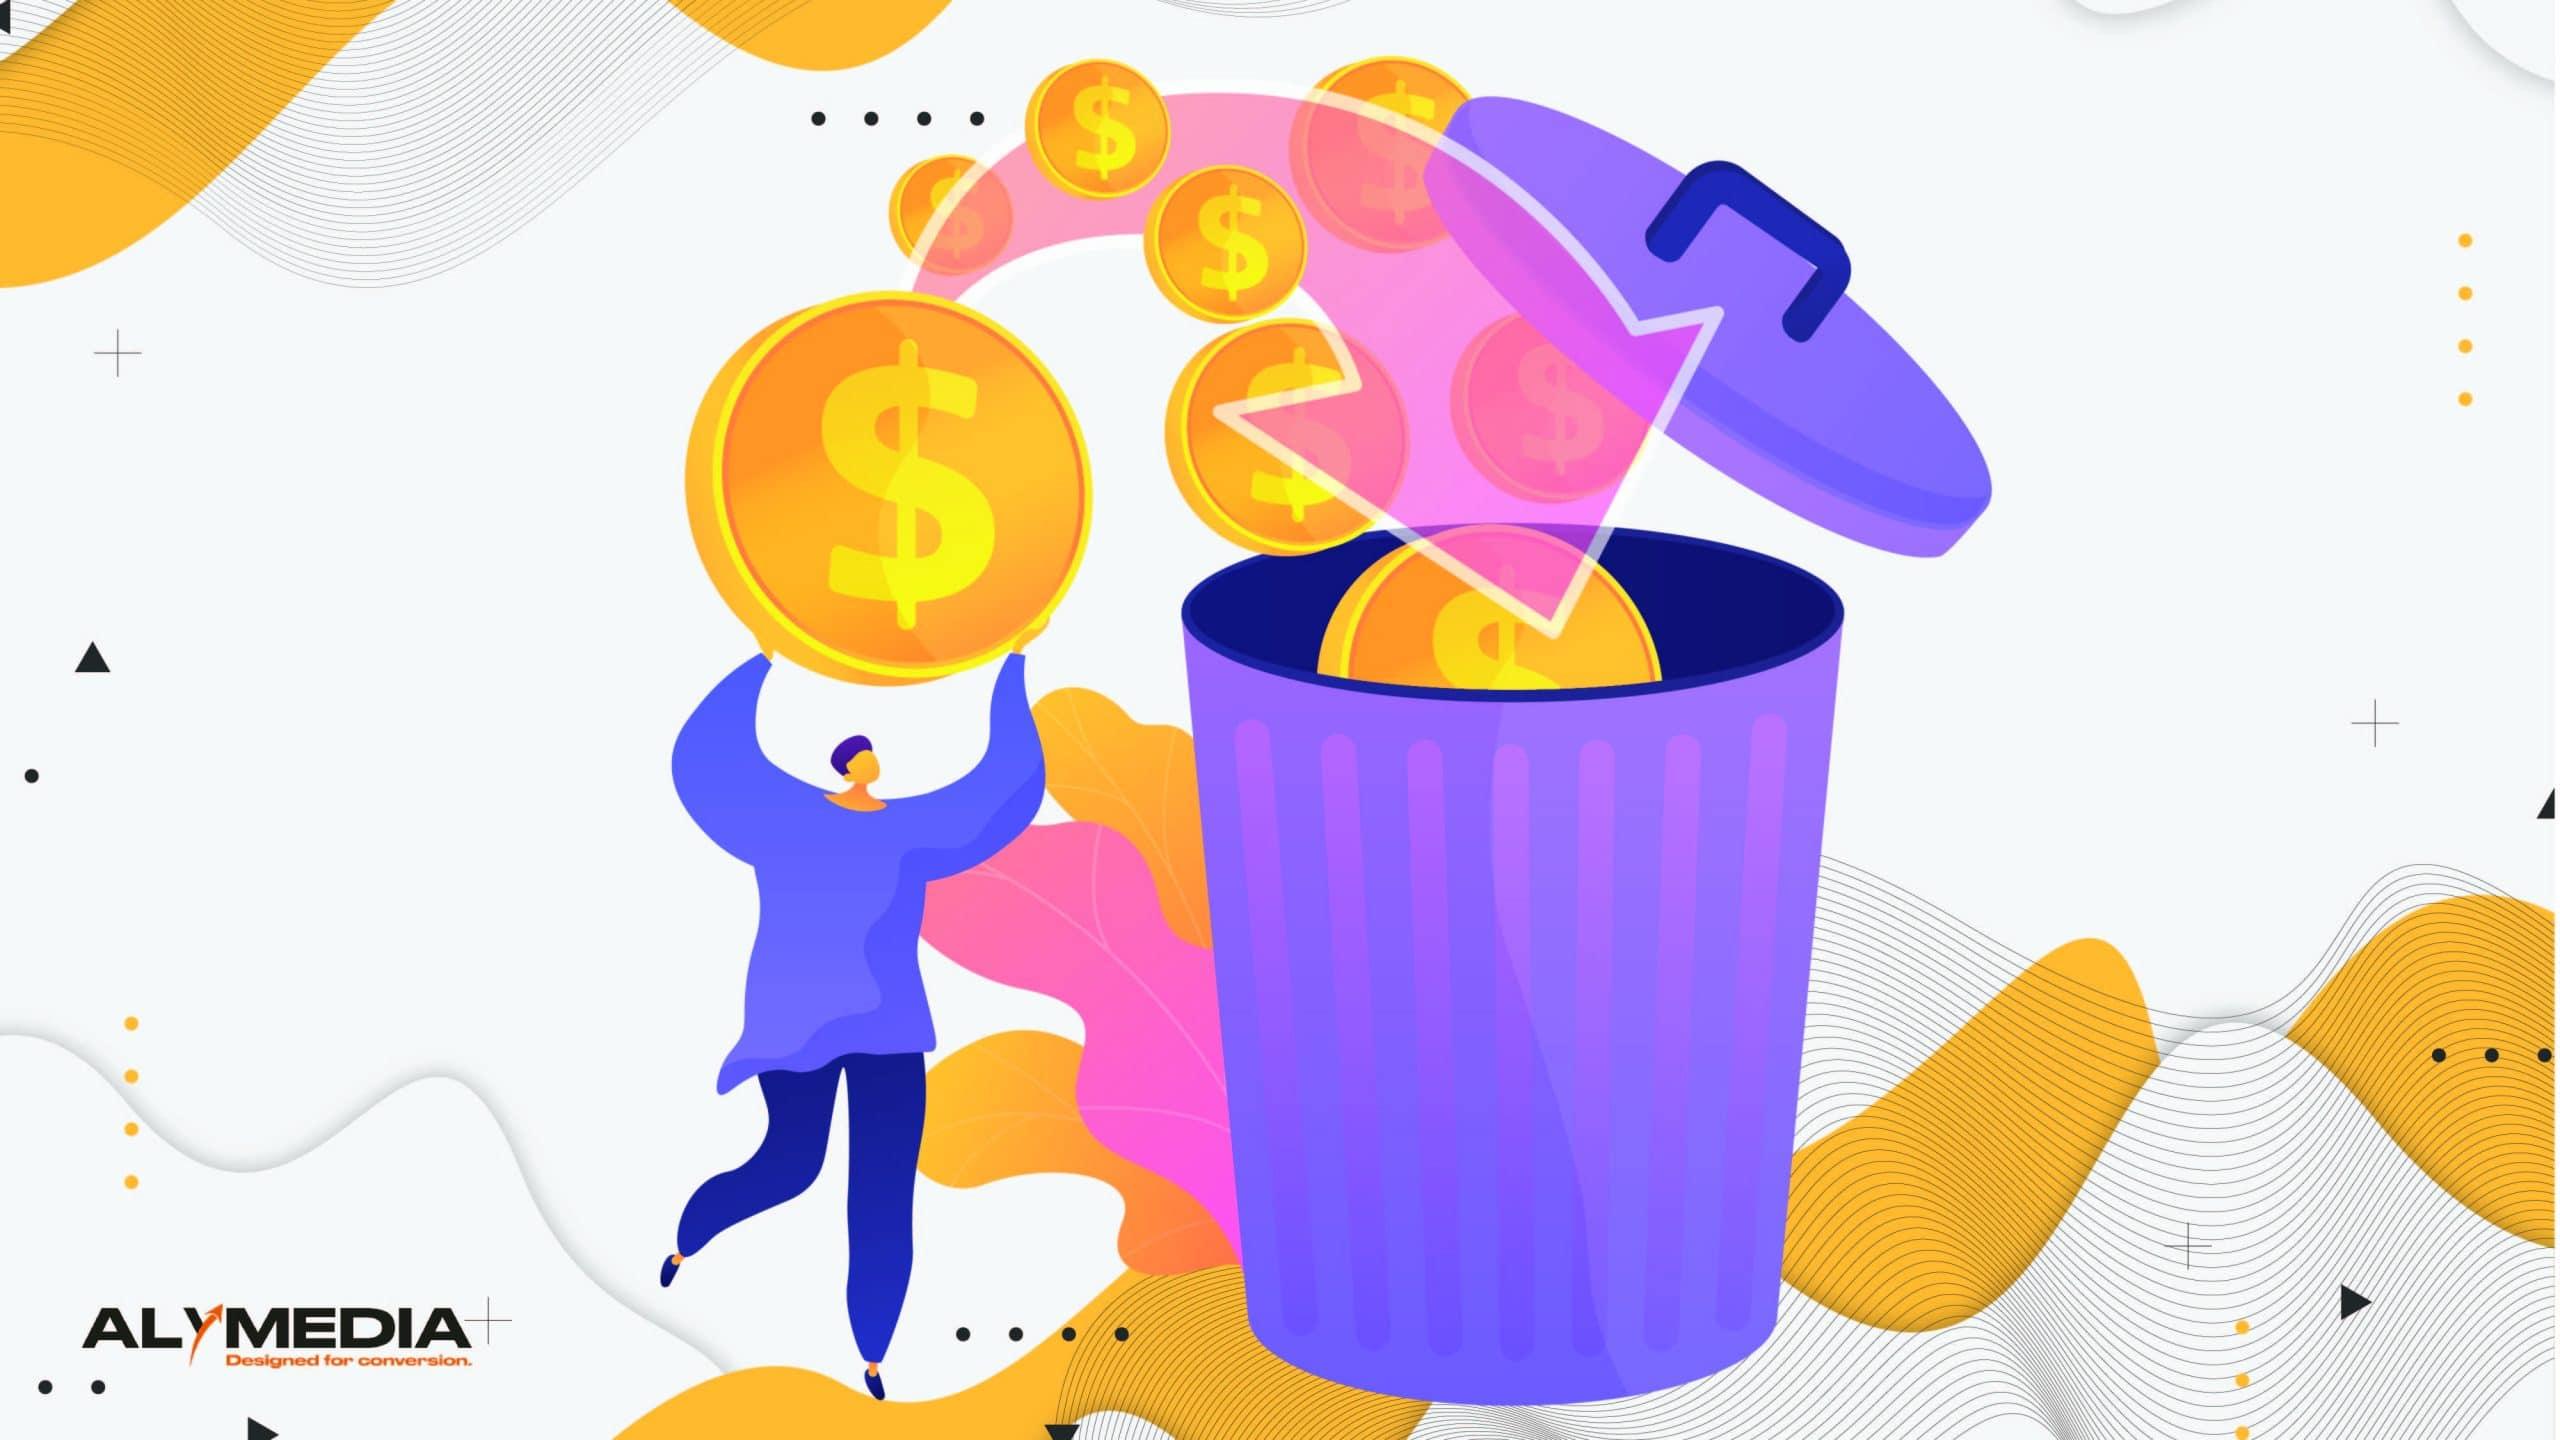 Cum îți dai seama dacă arunci bani pe fereastra online-ului: Recuperează toți banii pe care NU îi câștigi